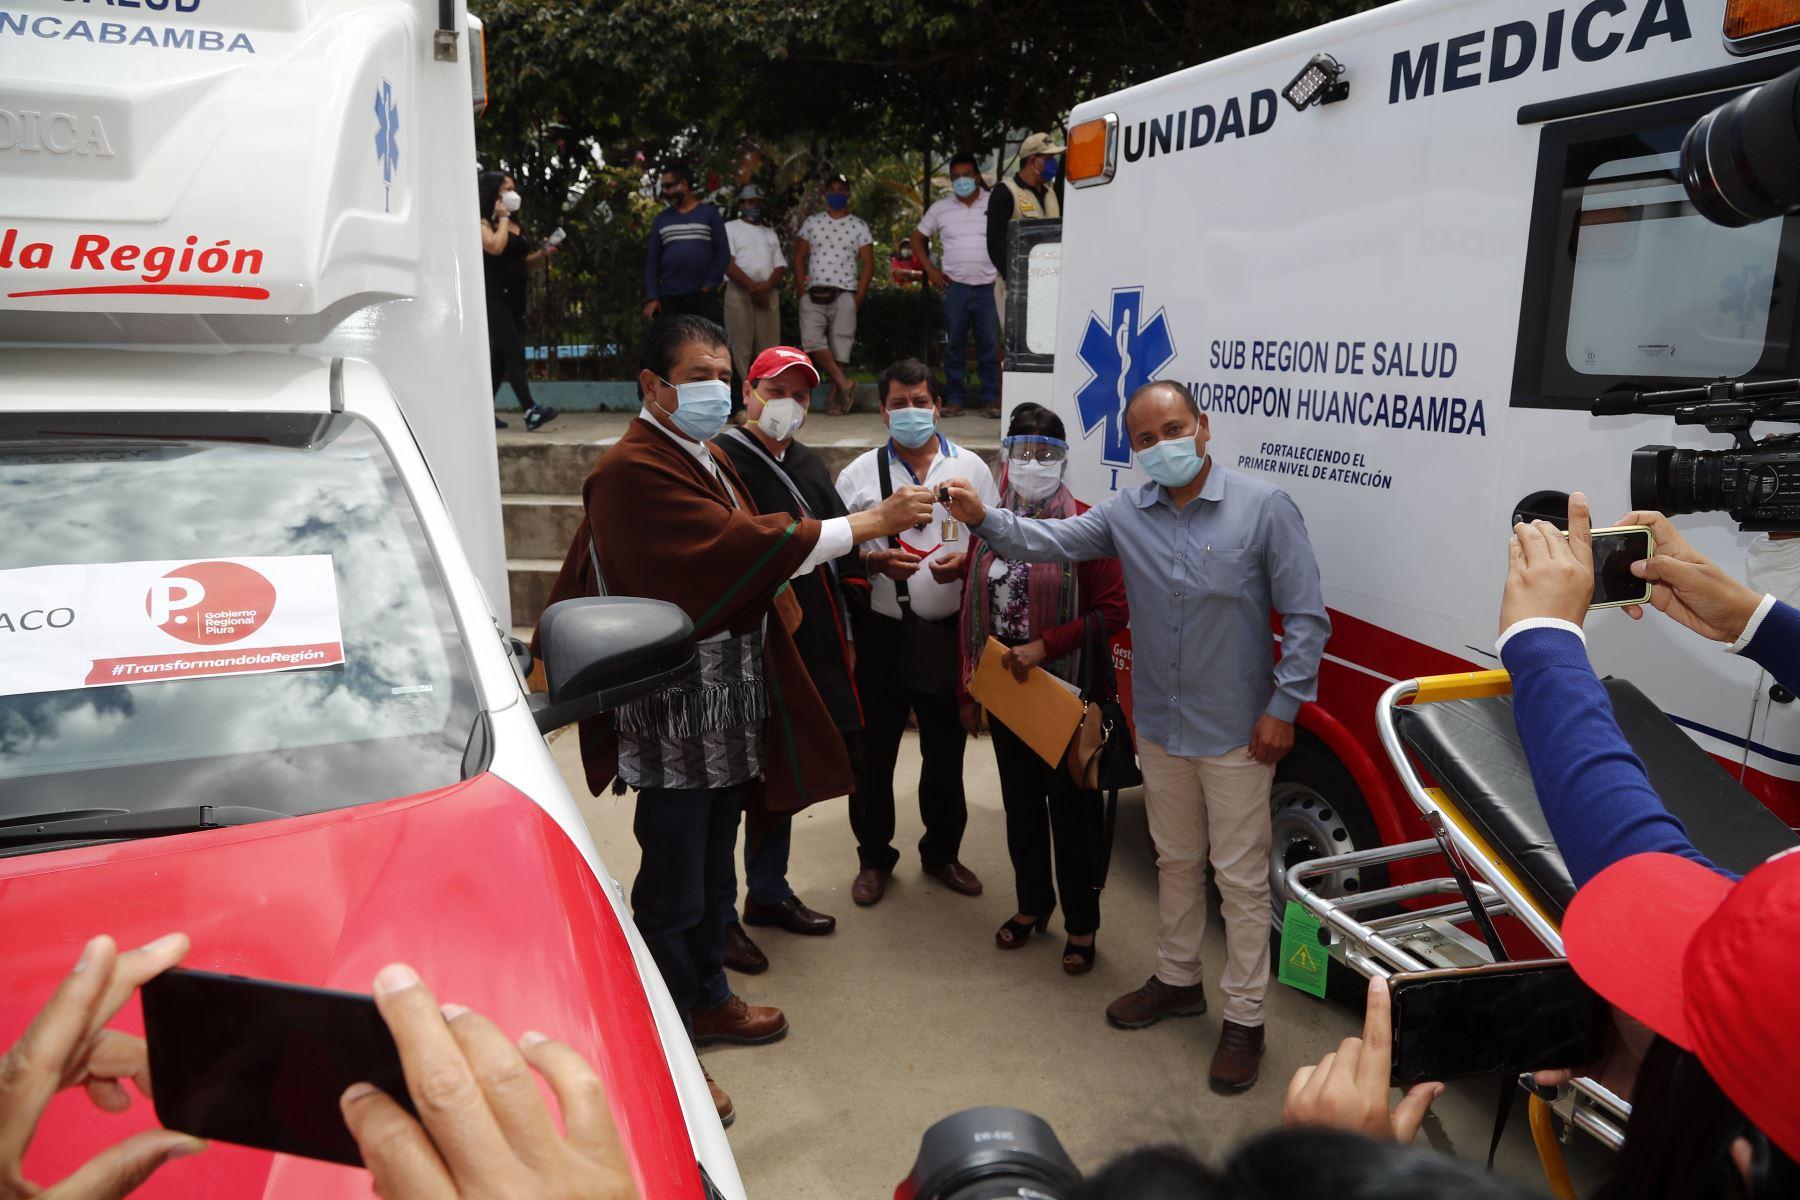 """El ministro Rodolfo Yáñez visitó  junto al alcalde de Piura, Juan Díaz Dios, el hospital de campaña """"La Videnita"""". Este centro cuenta con 200 camas regulares y 40 camas UCI para pacientes con covid-19.Foto:ANDINA/MVCS"""